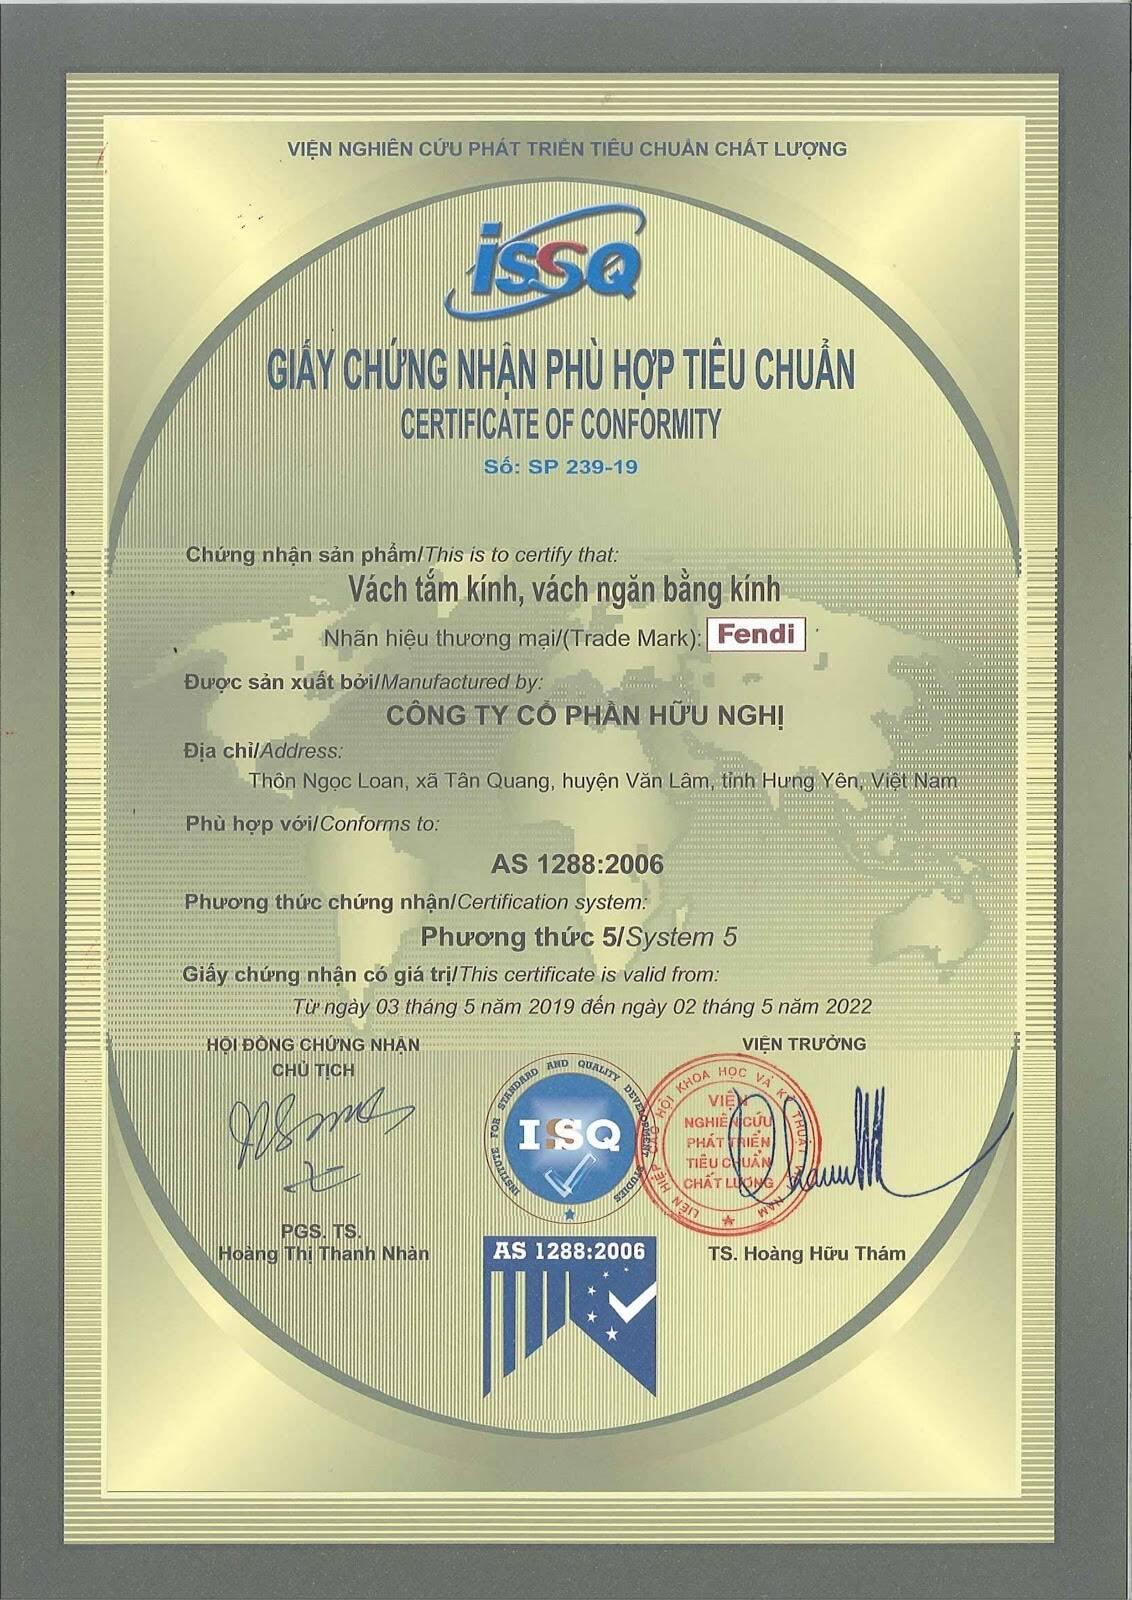 Phòng tắm kính Fendi được Tổng cục đo lường chất lượng Việt Nam xác nhận sản xuất theo tiêu chuẩn Úc nên dù là kiểu loại nào thì độ an toàn và bền chắc của phòng tắm kính Fendi không thay đổi